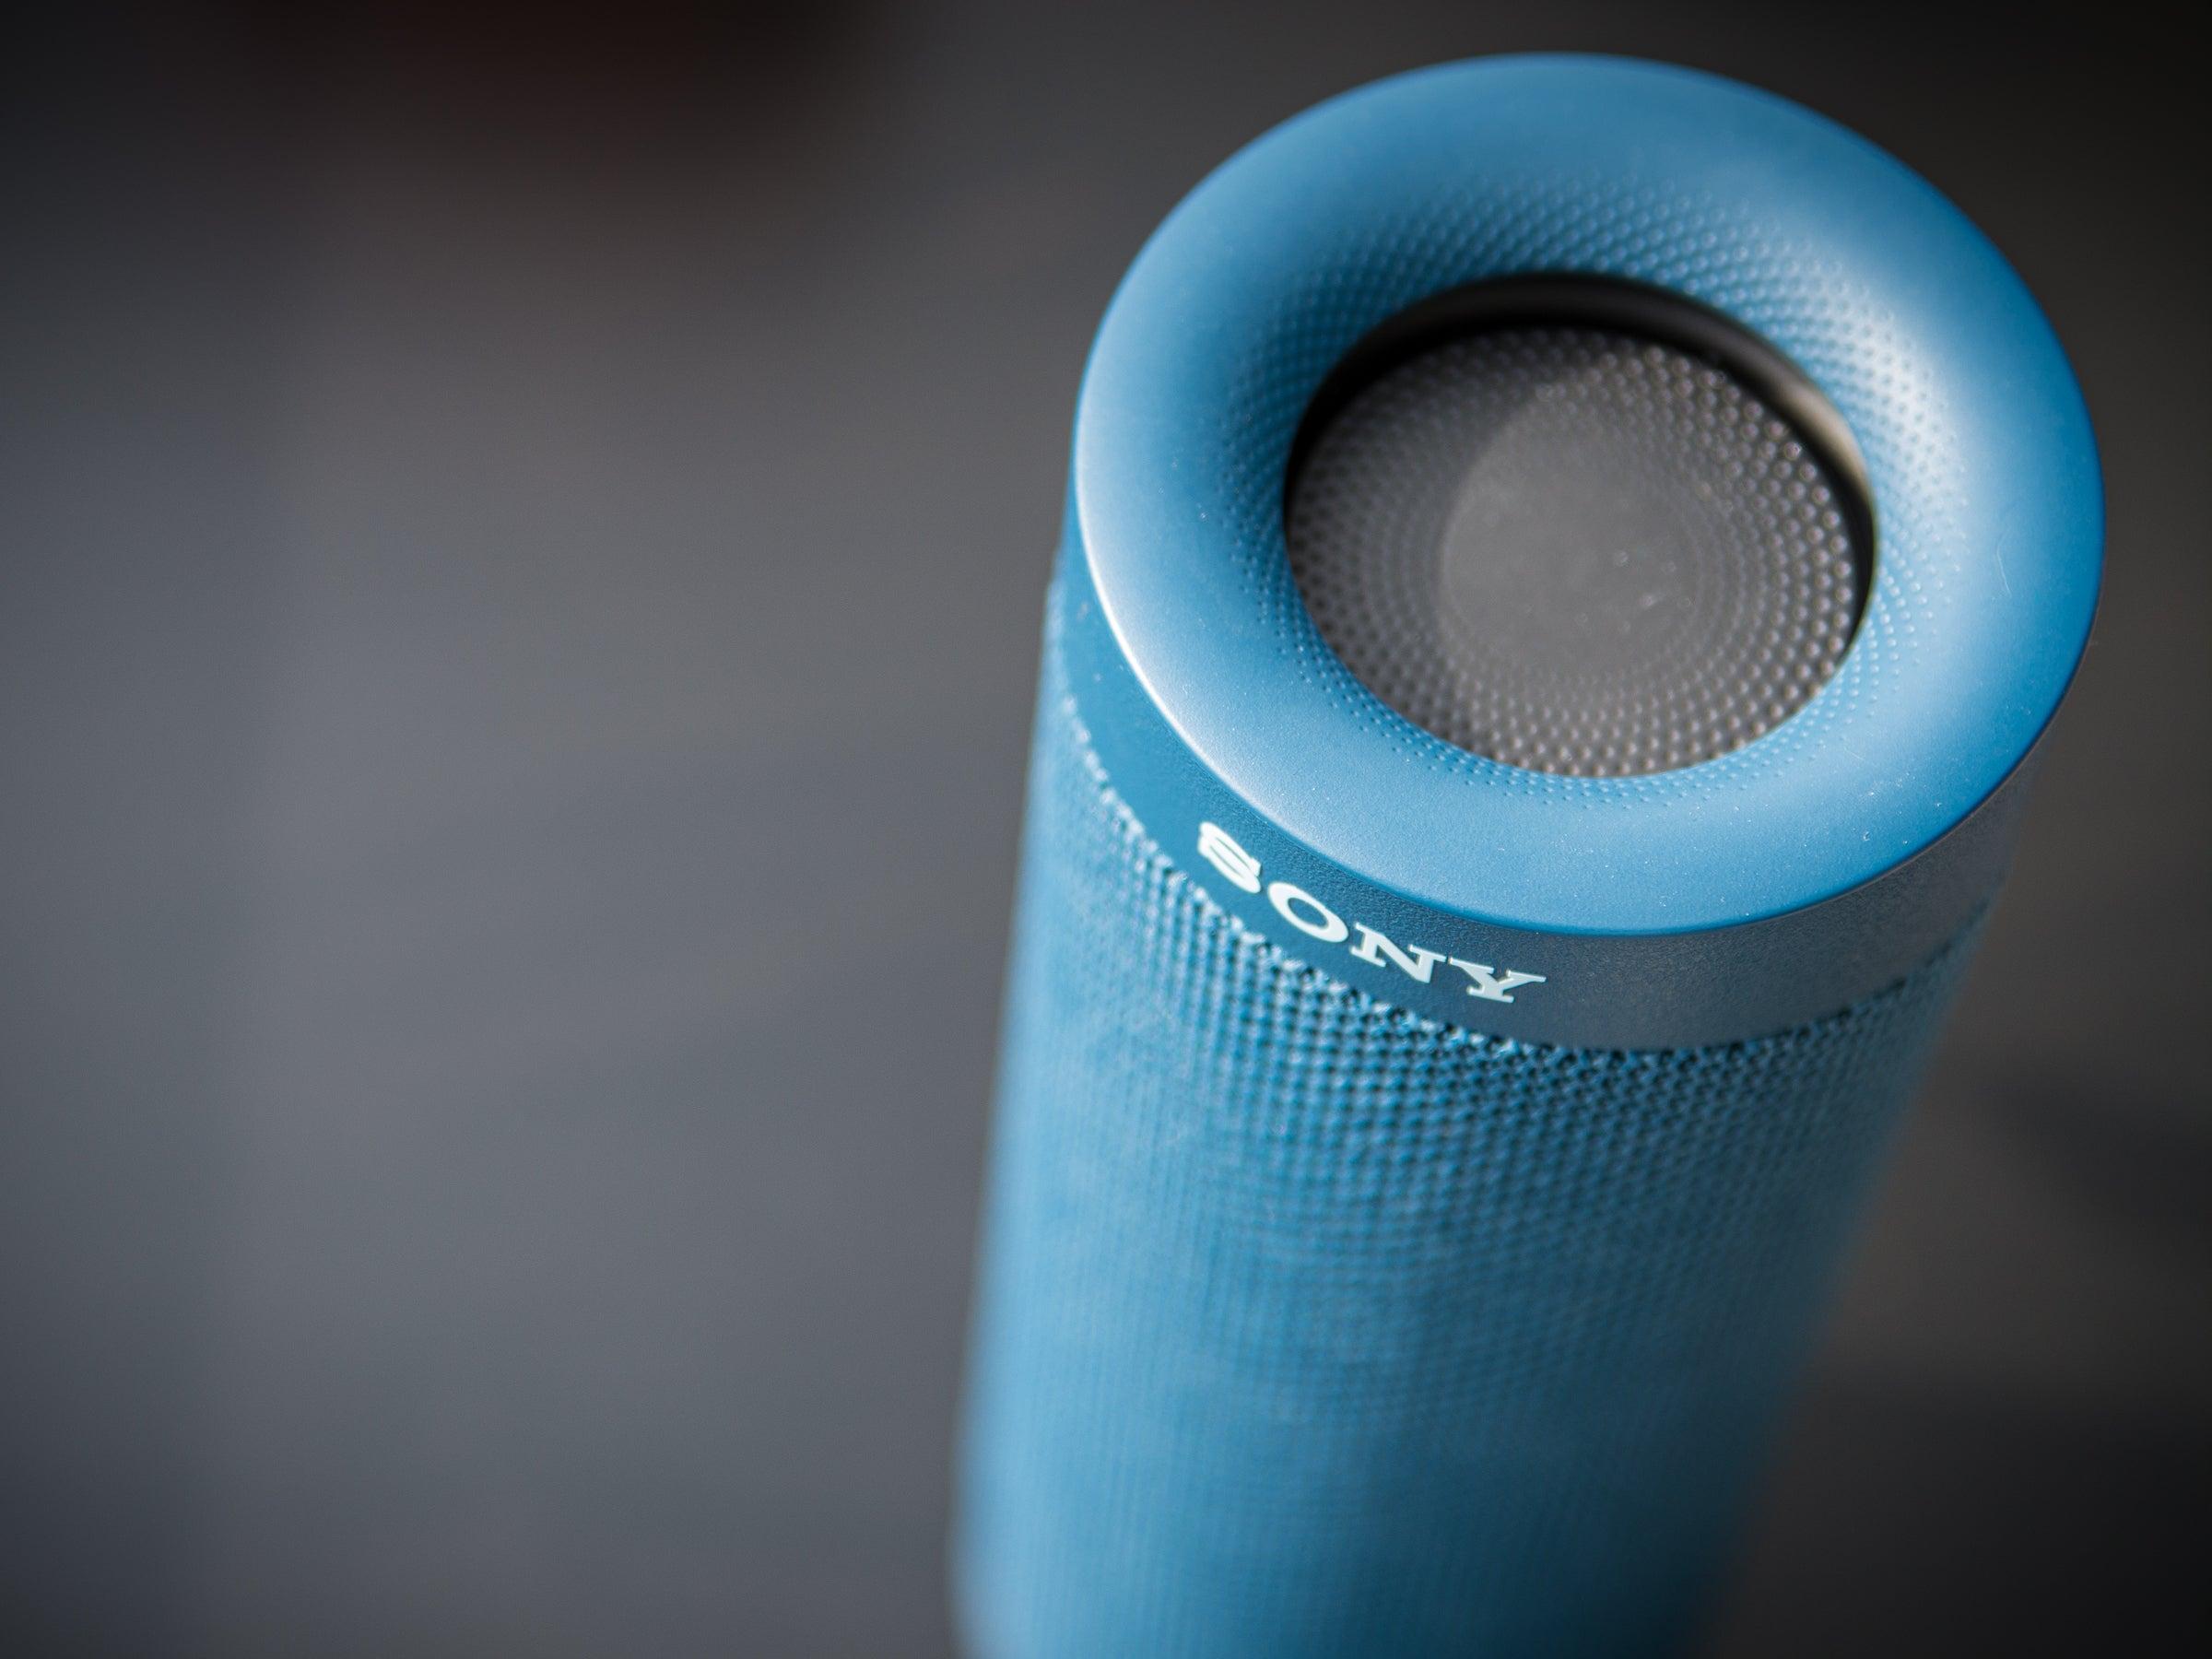 Den Bluetooth-Lautsprecher gibt es in den Farben Rot, Grün, Blau, Taupe und Schwarz.